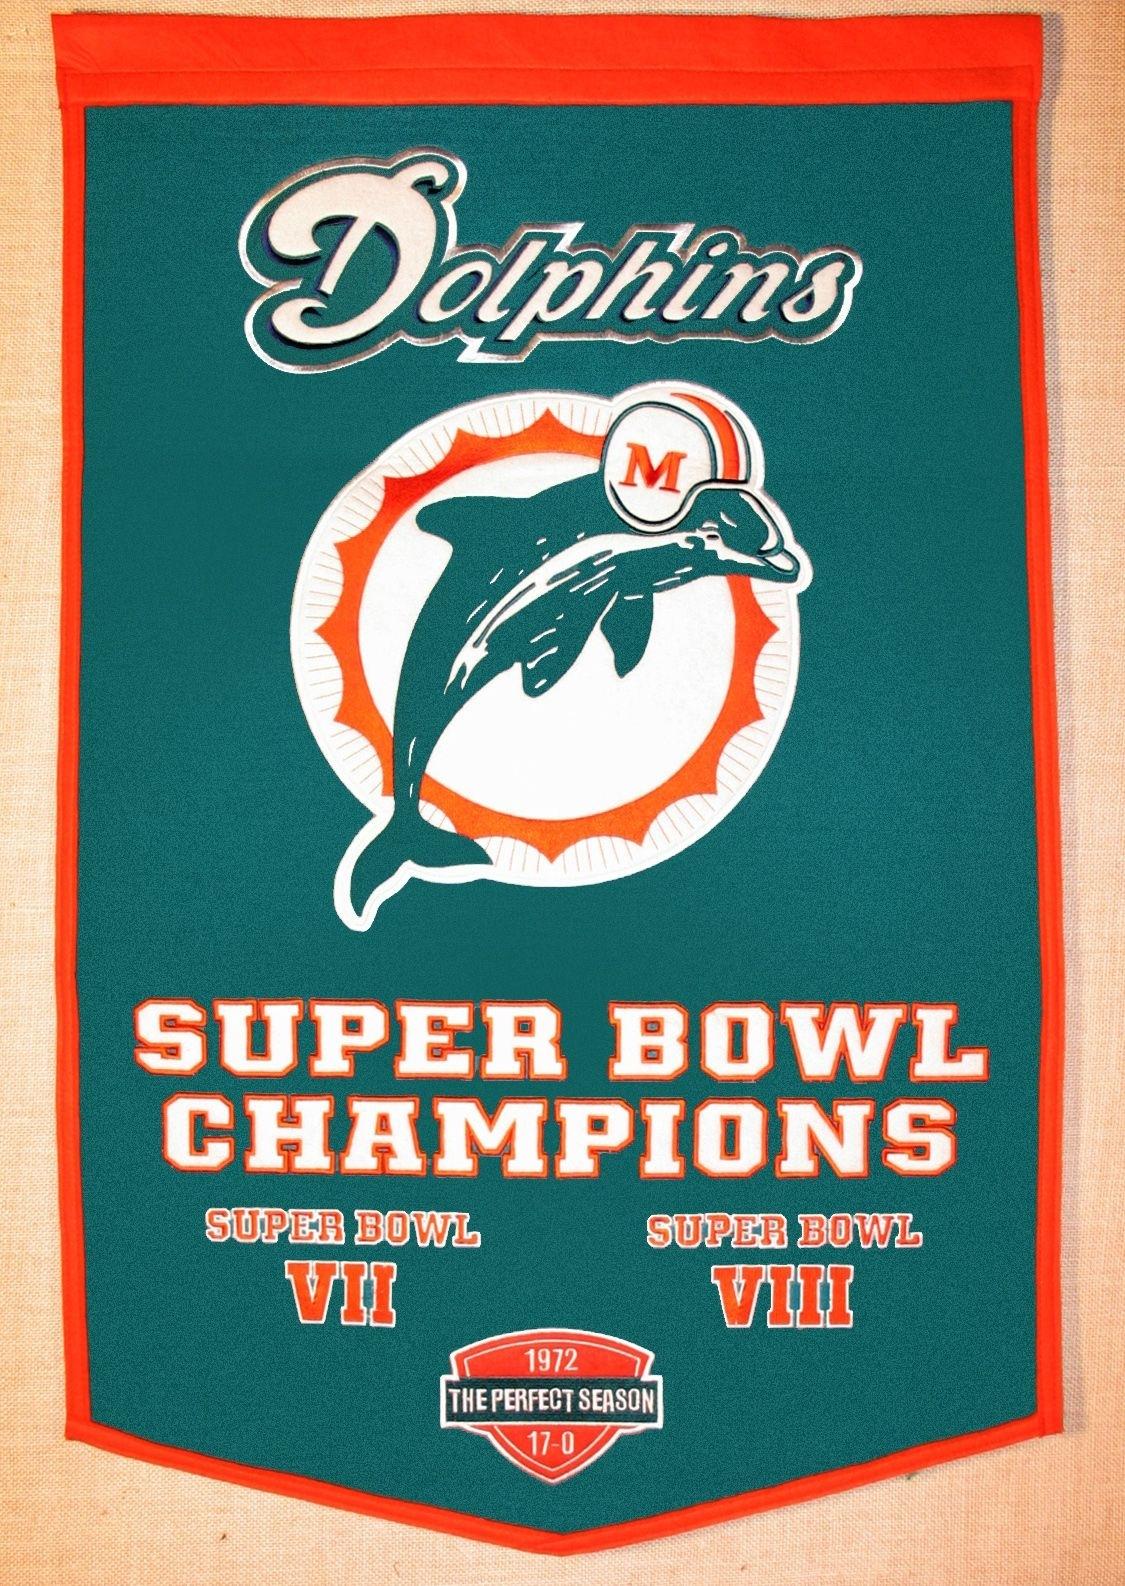 Miami Dolphins Super Bowl Champs   Nfl Miami Dolphins, Miami regarding Miami Dolphins Super Bowl History